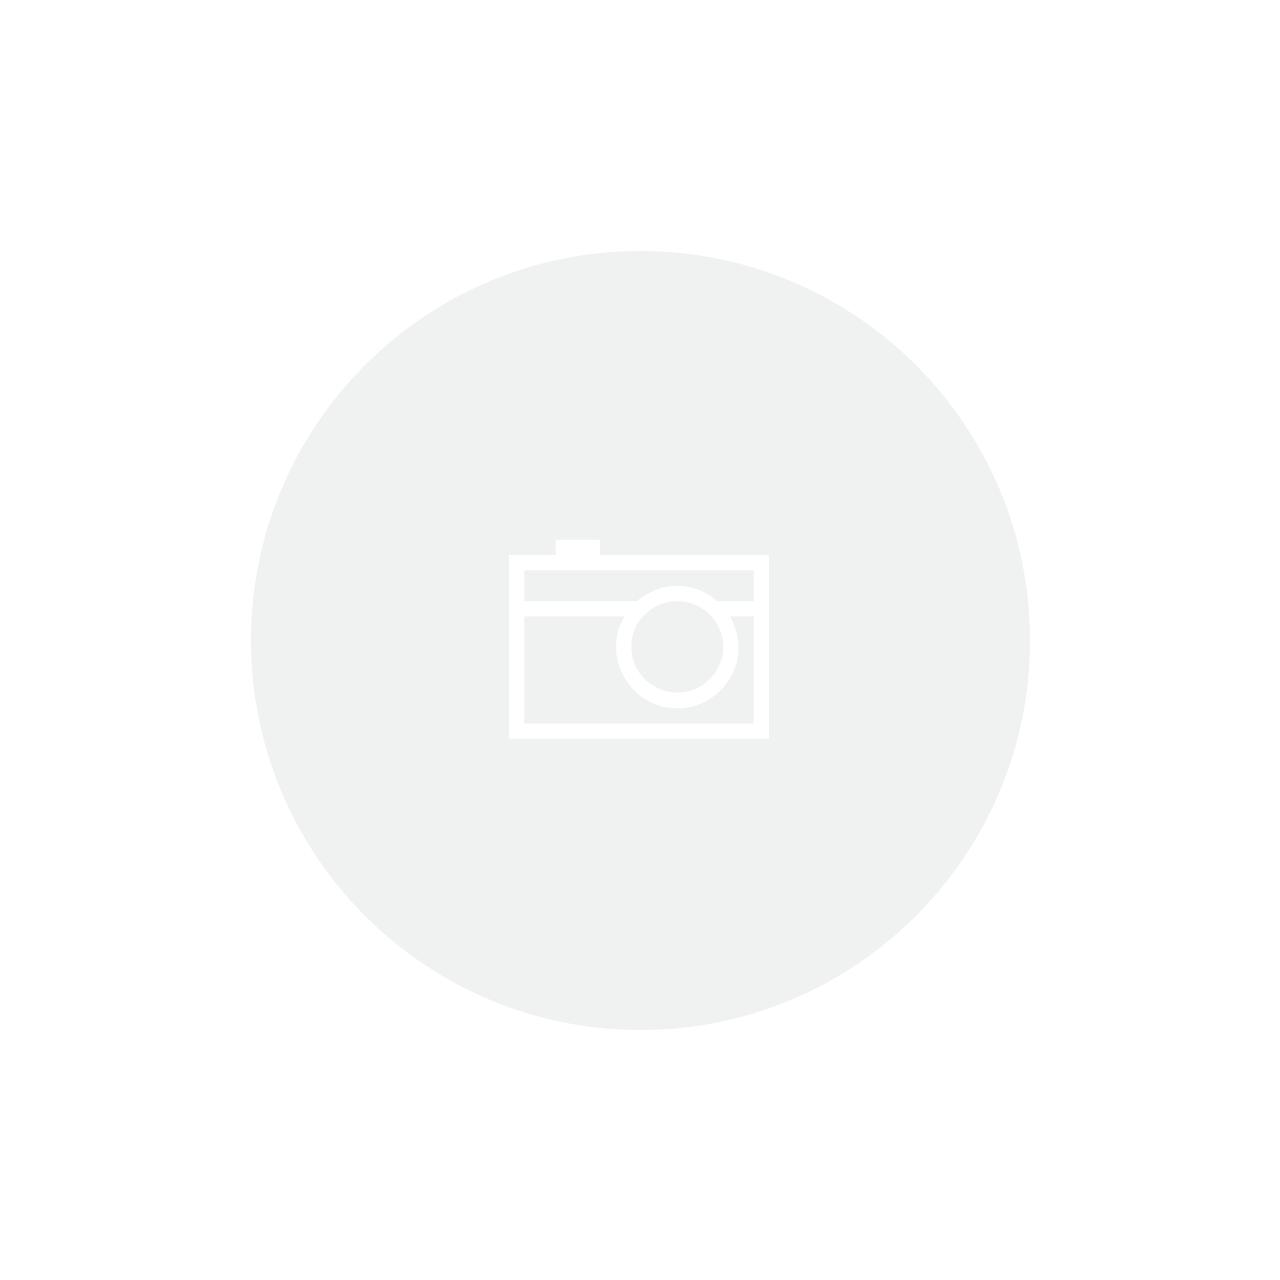 Fonte EVGA SuperNova 750 P2 750W 80 Plus Platinum Full Modular 220-P2-0750-X1